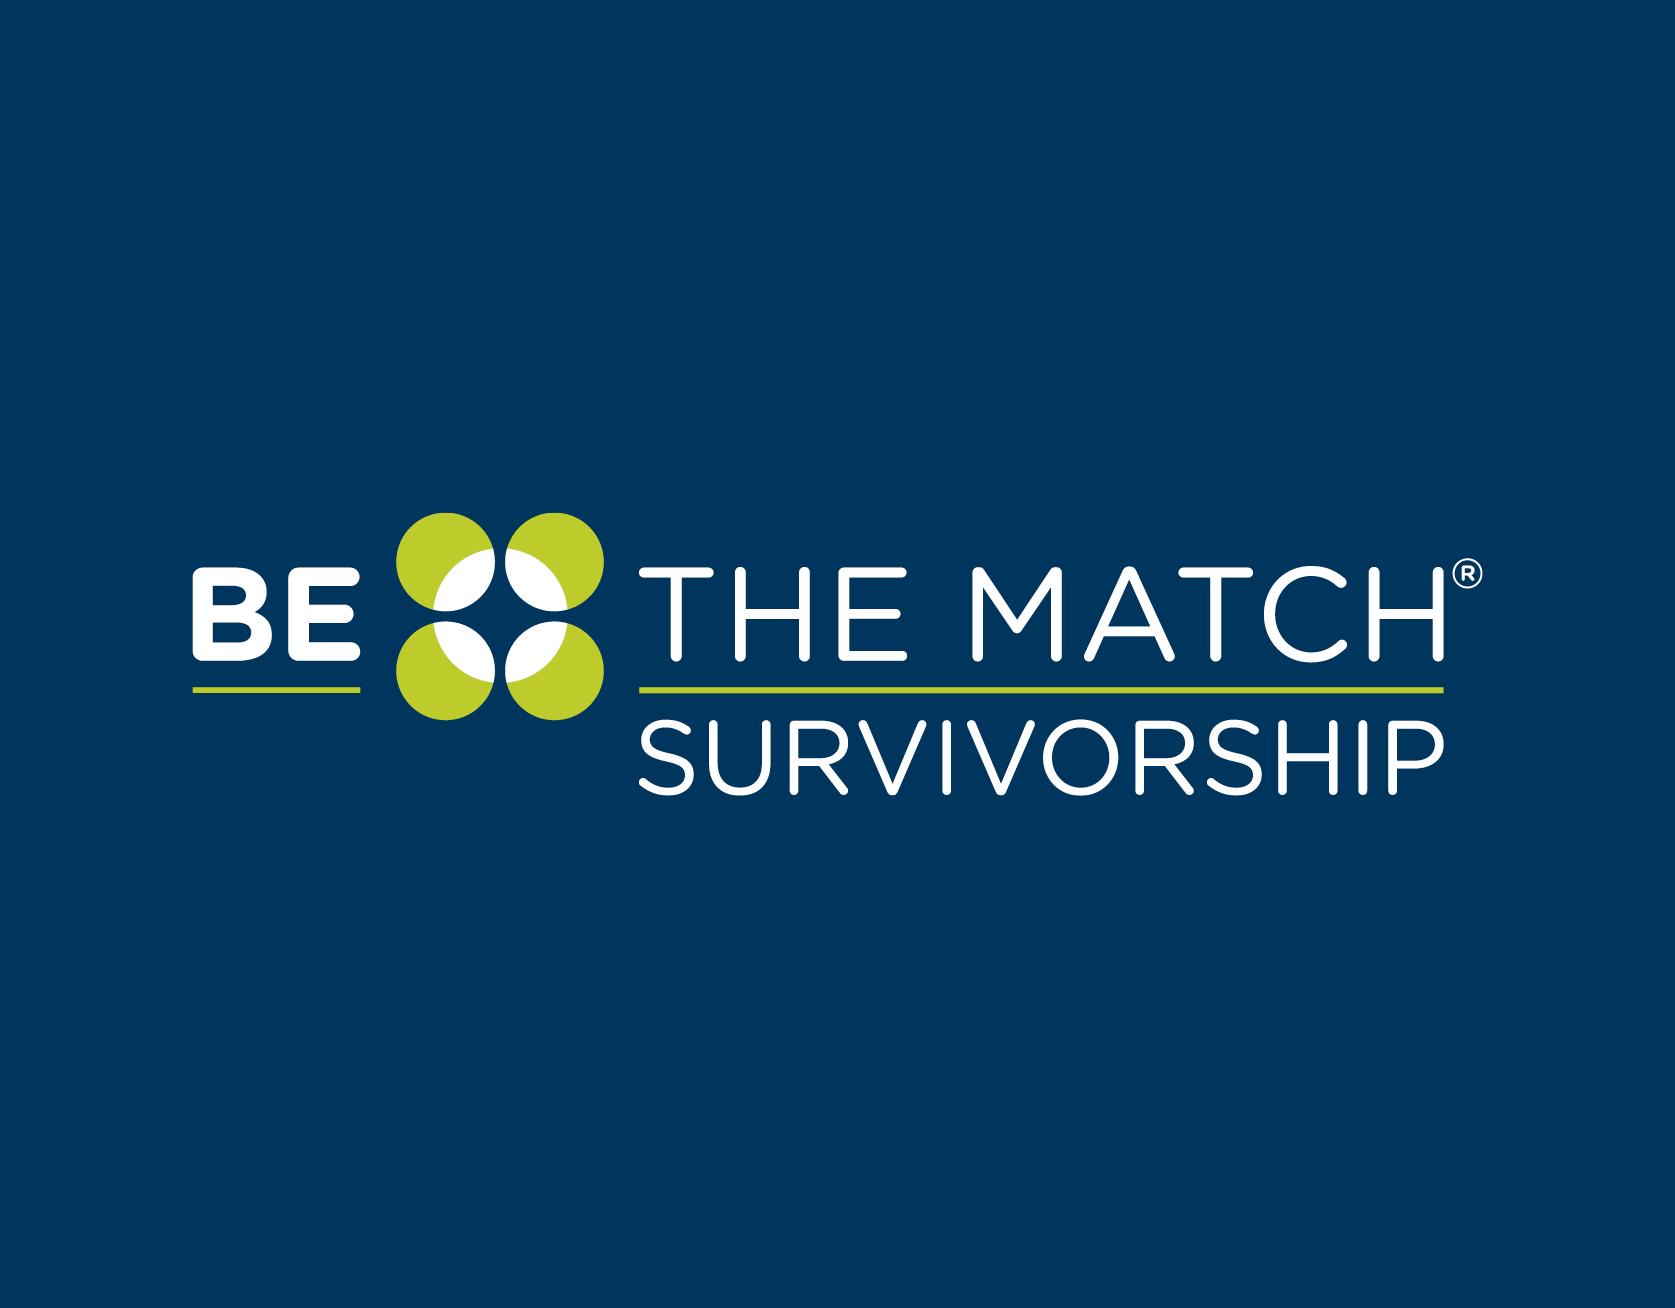 BTM Survivorship